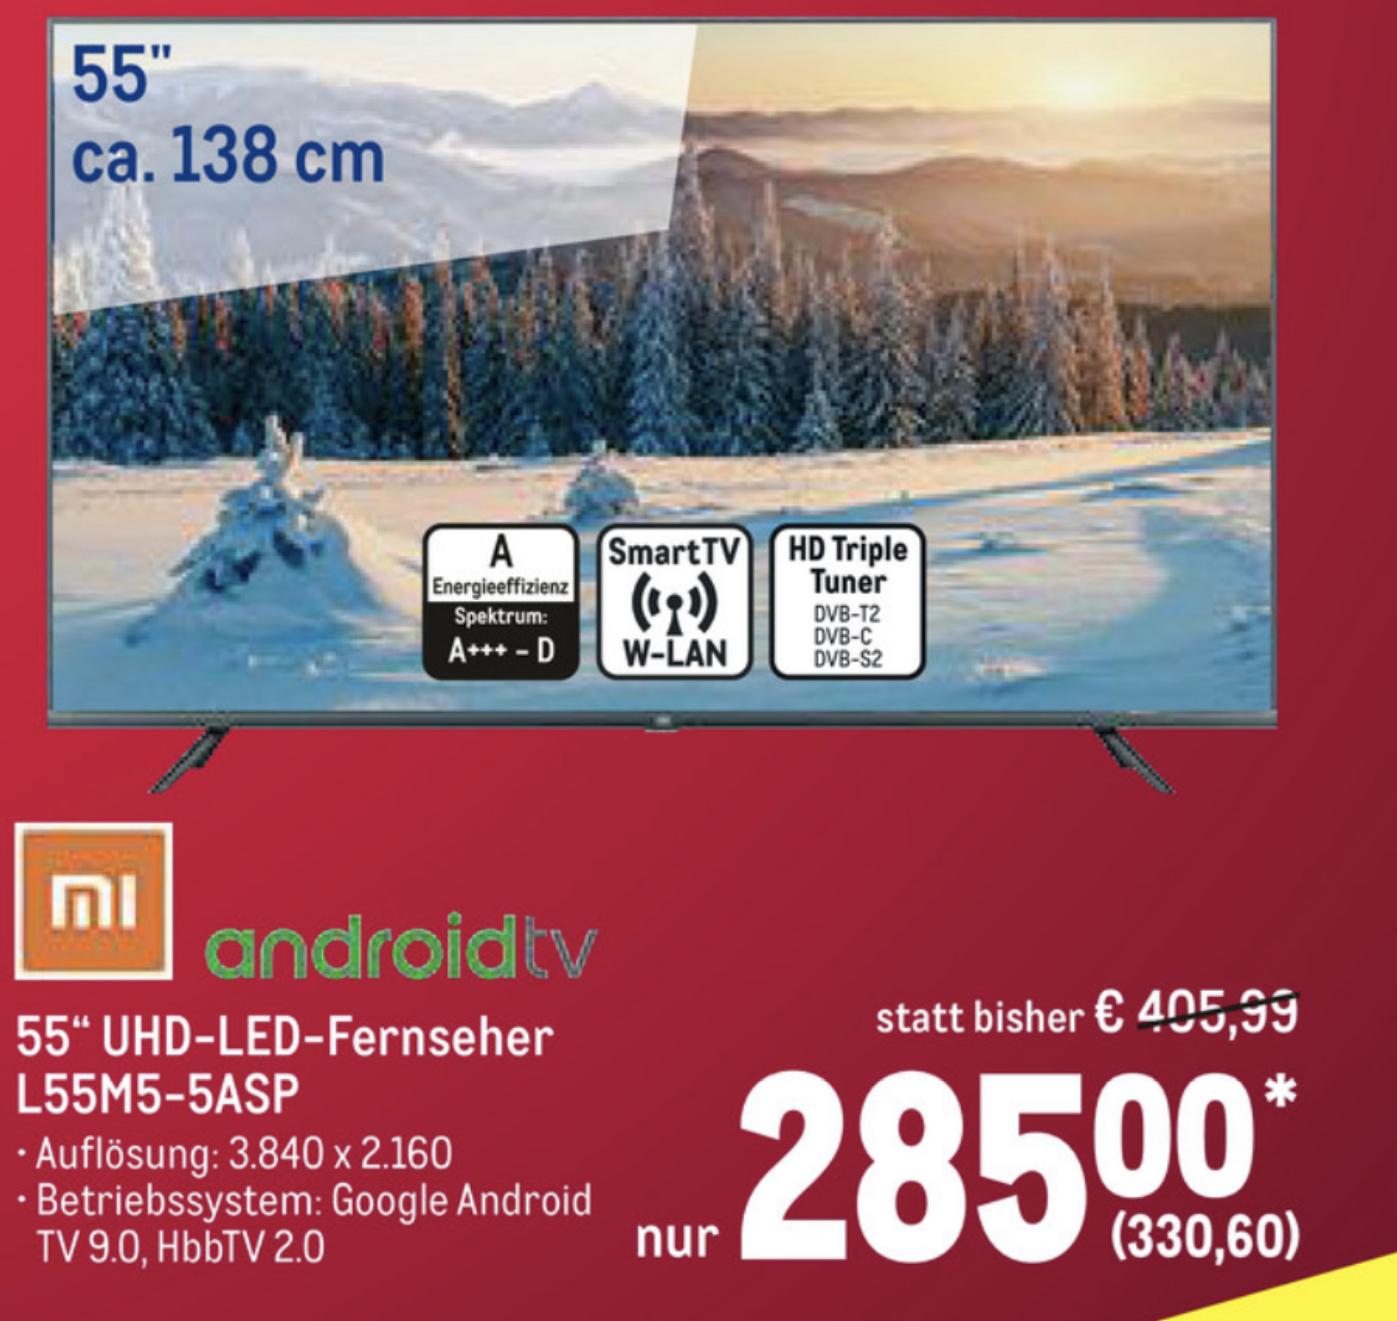 Xiaomi Mi Smart TV 4S 55 Zoll 138cm 4K UHD L55M5-5ASP für 330,60€ / mit NL Gutschein für 320,60€ möglich / (in NRW auch ohne Gewerbe)